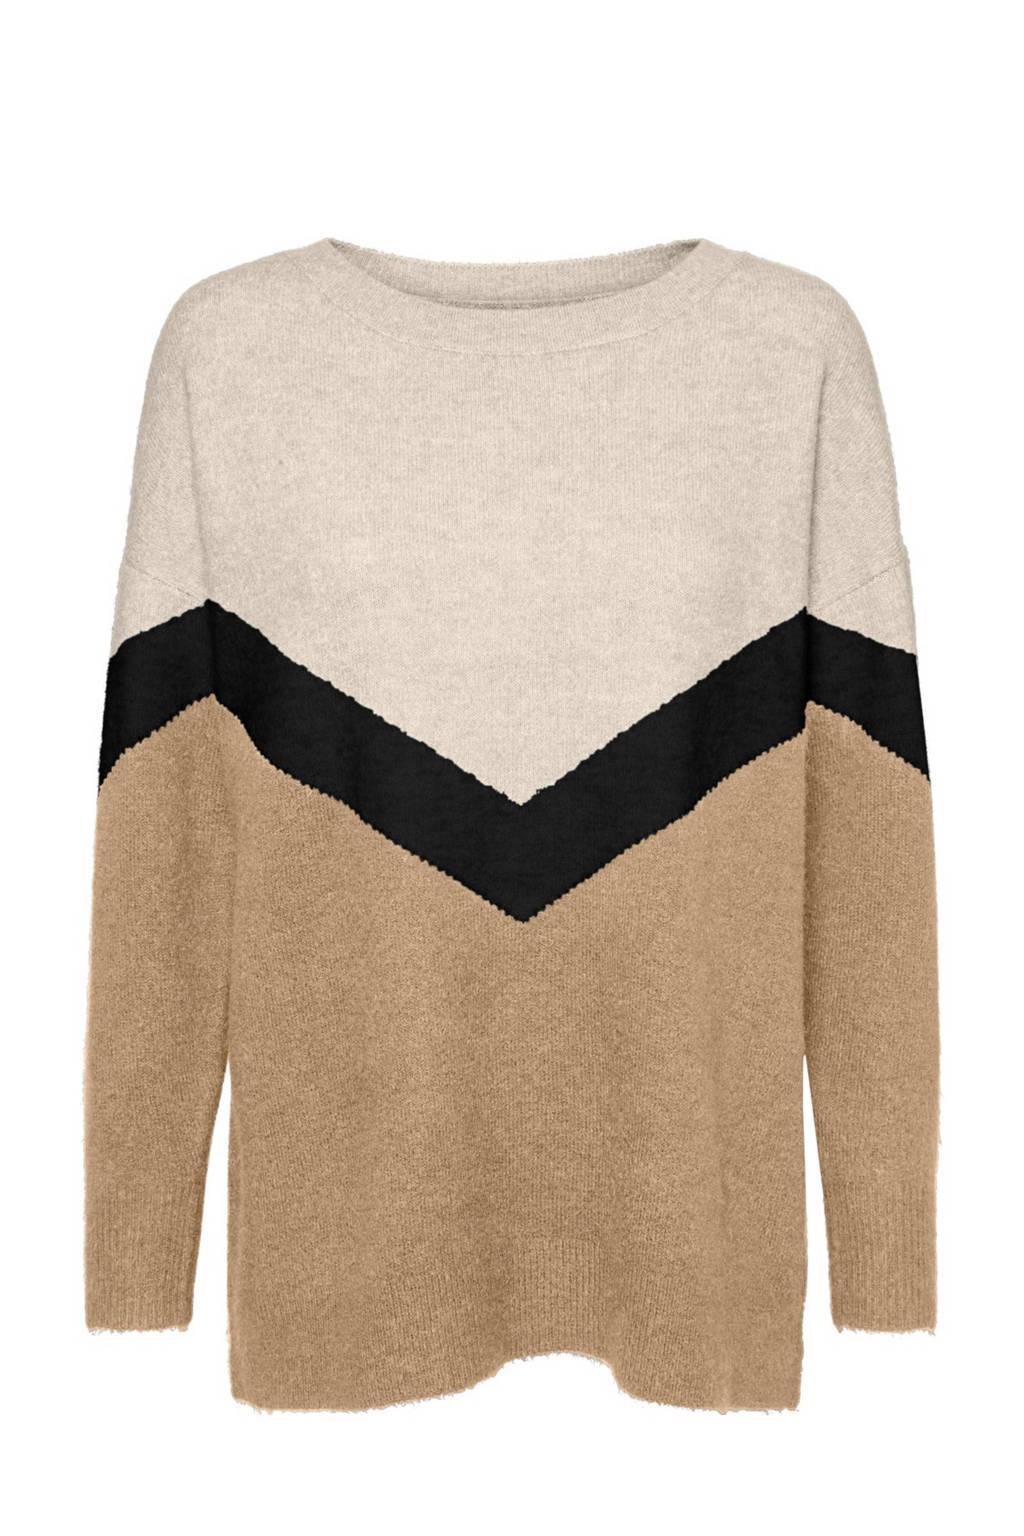 VERO MODA trui beige/zwart, Beige/zwart